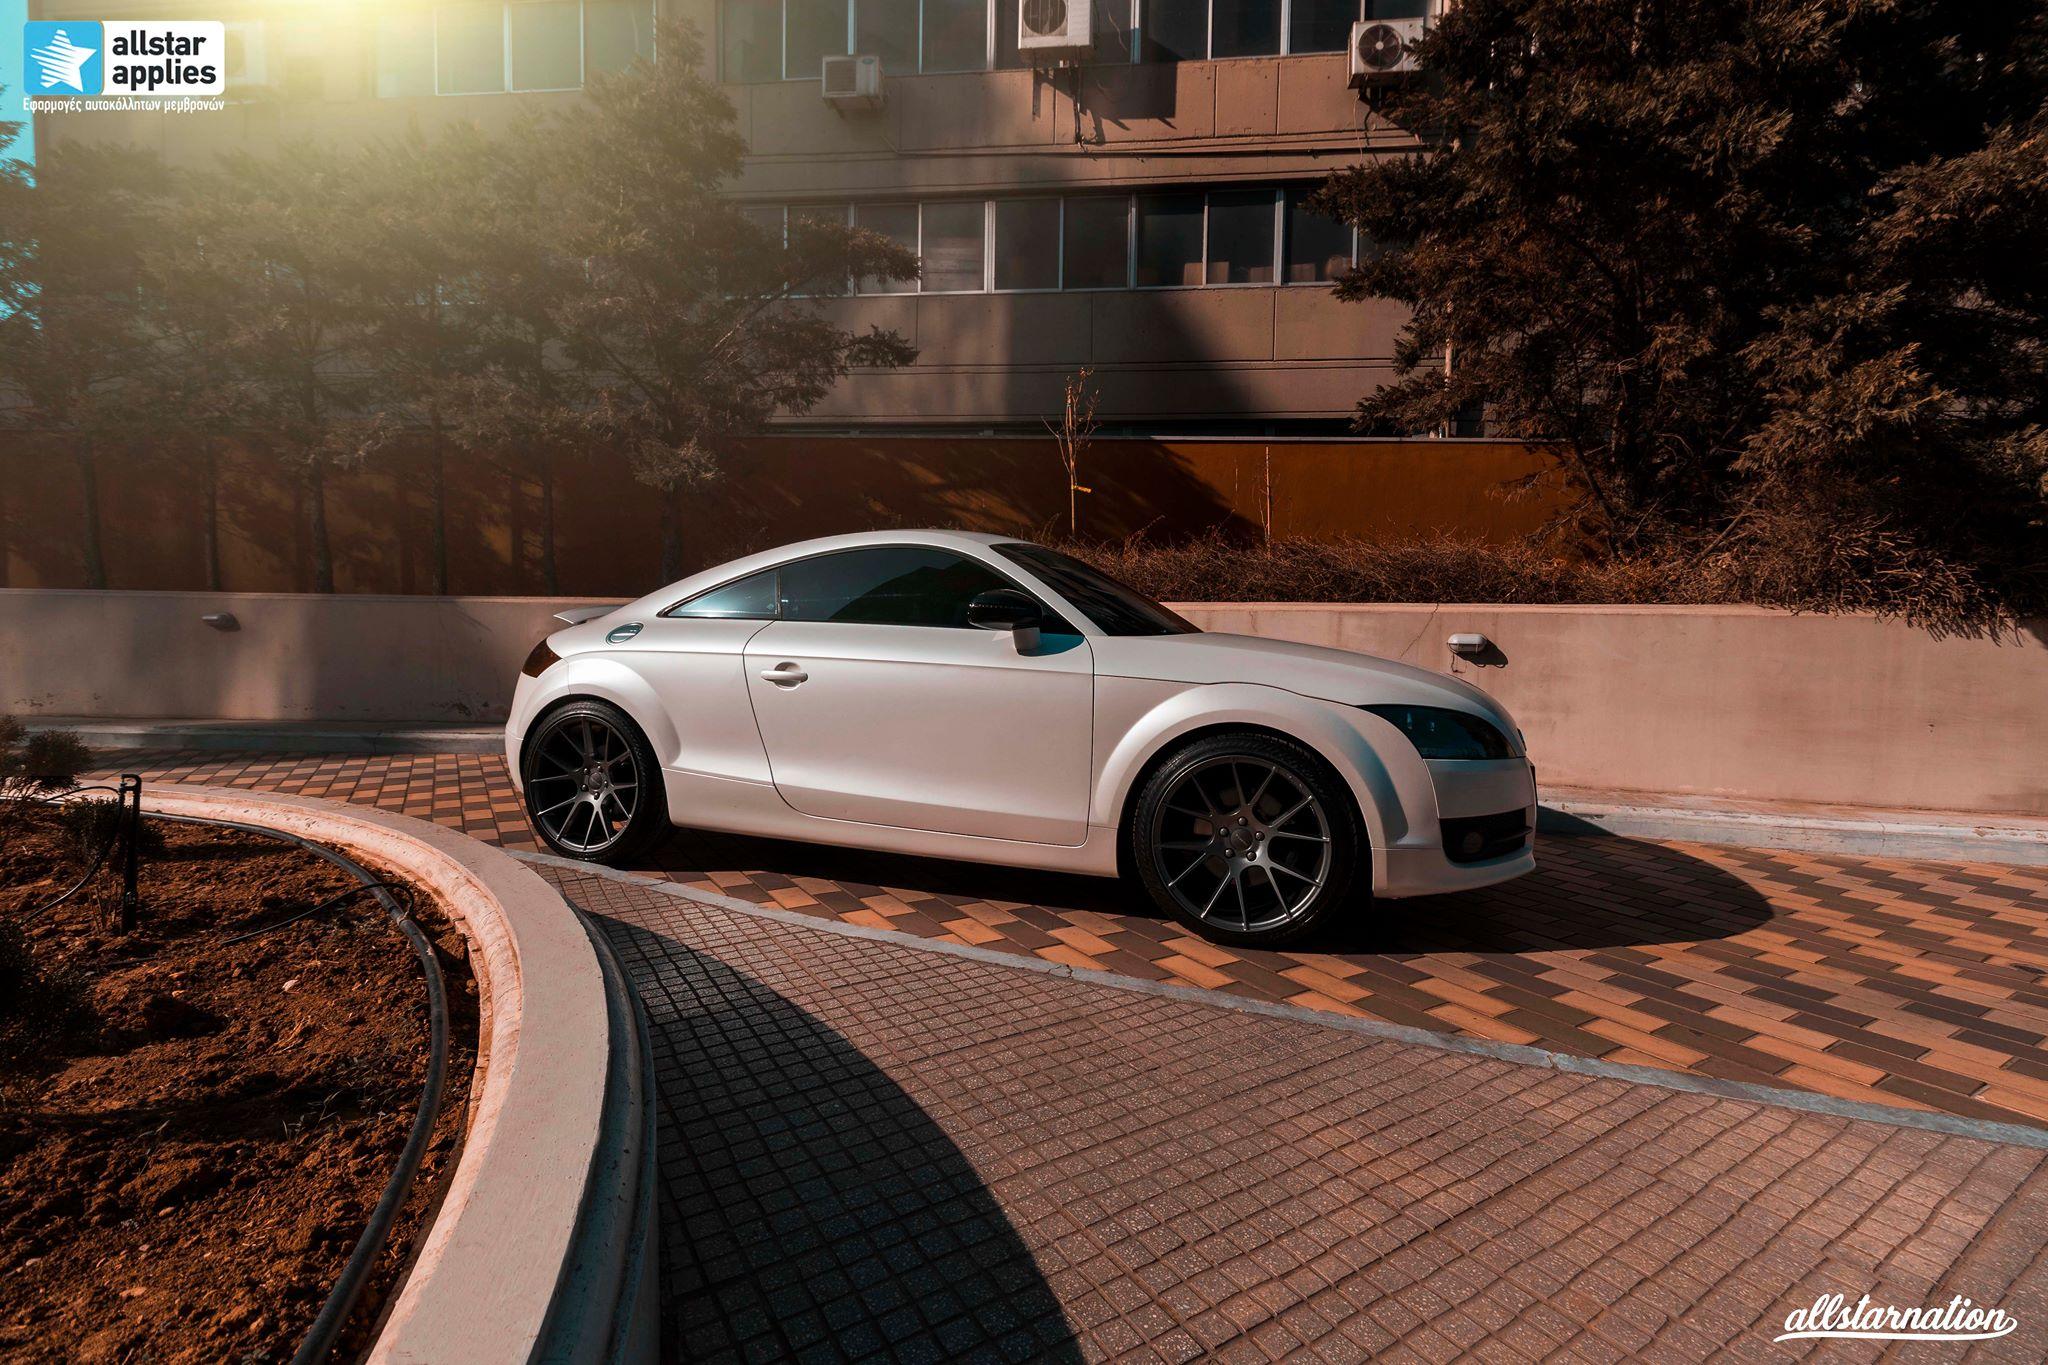 αντηλιακές μεμβράνες αυτοκινήτου - φιμέ αυτοκόλλητα για αυτοκίνητα allstar applies Θεσσαλονίκη